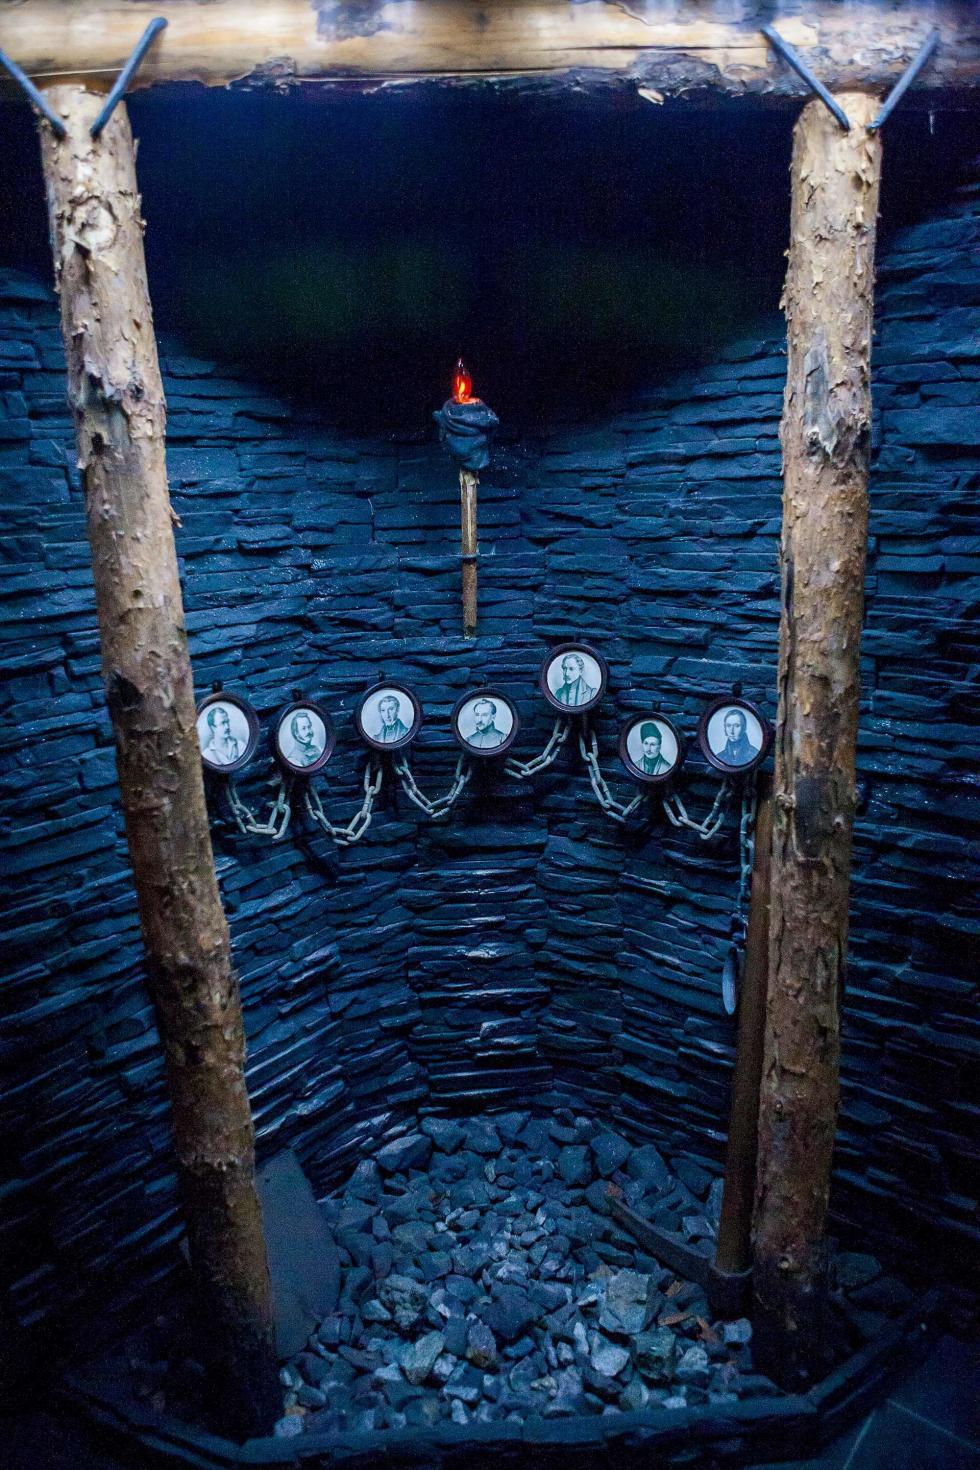 十二月党人博物馆。摄影:Ilya Ipatov